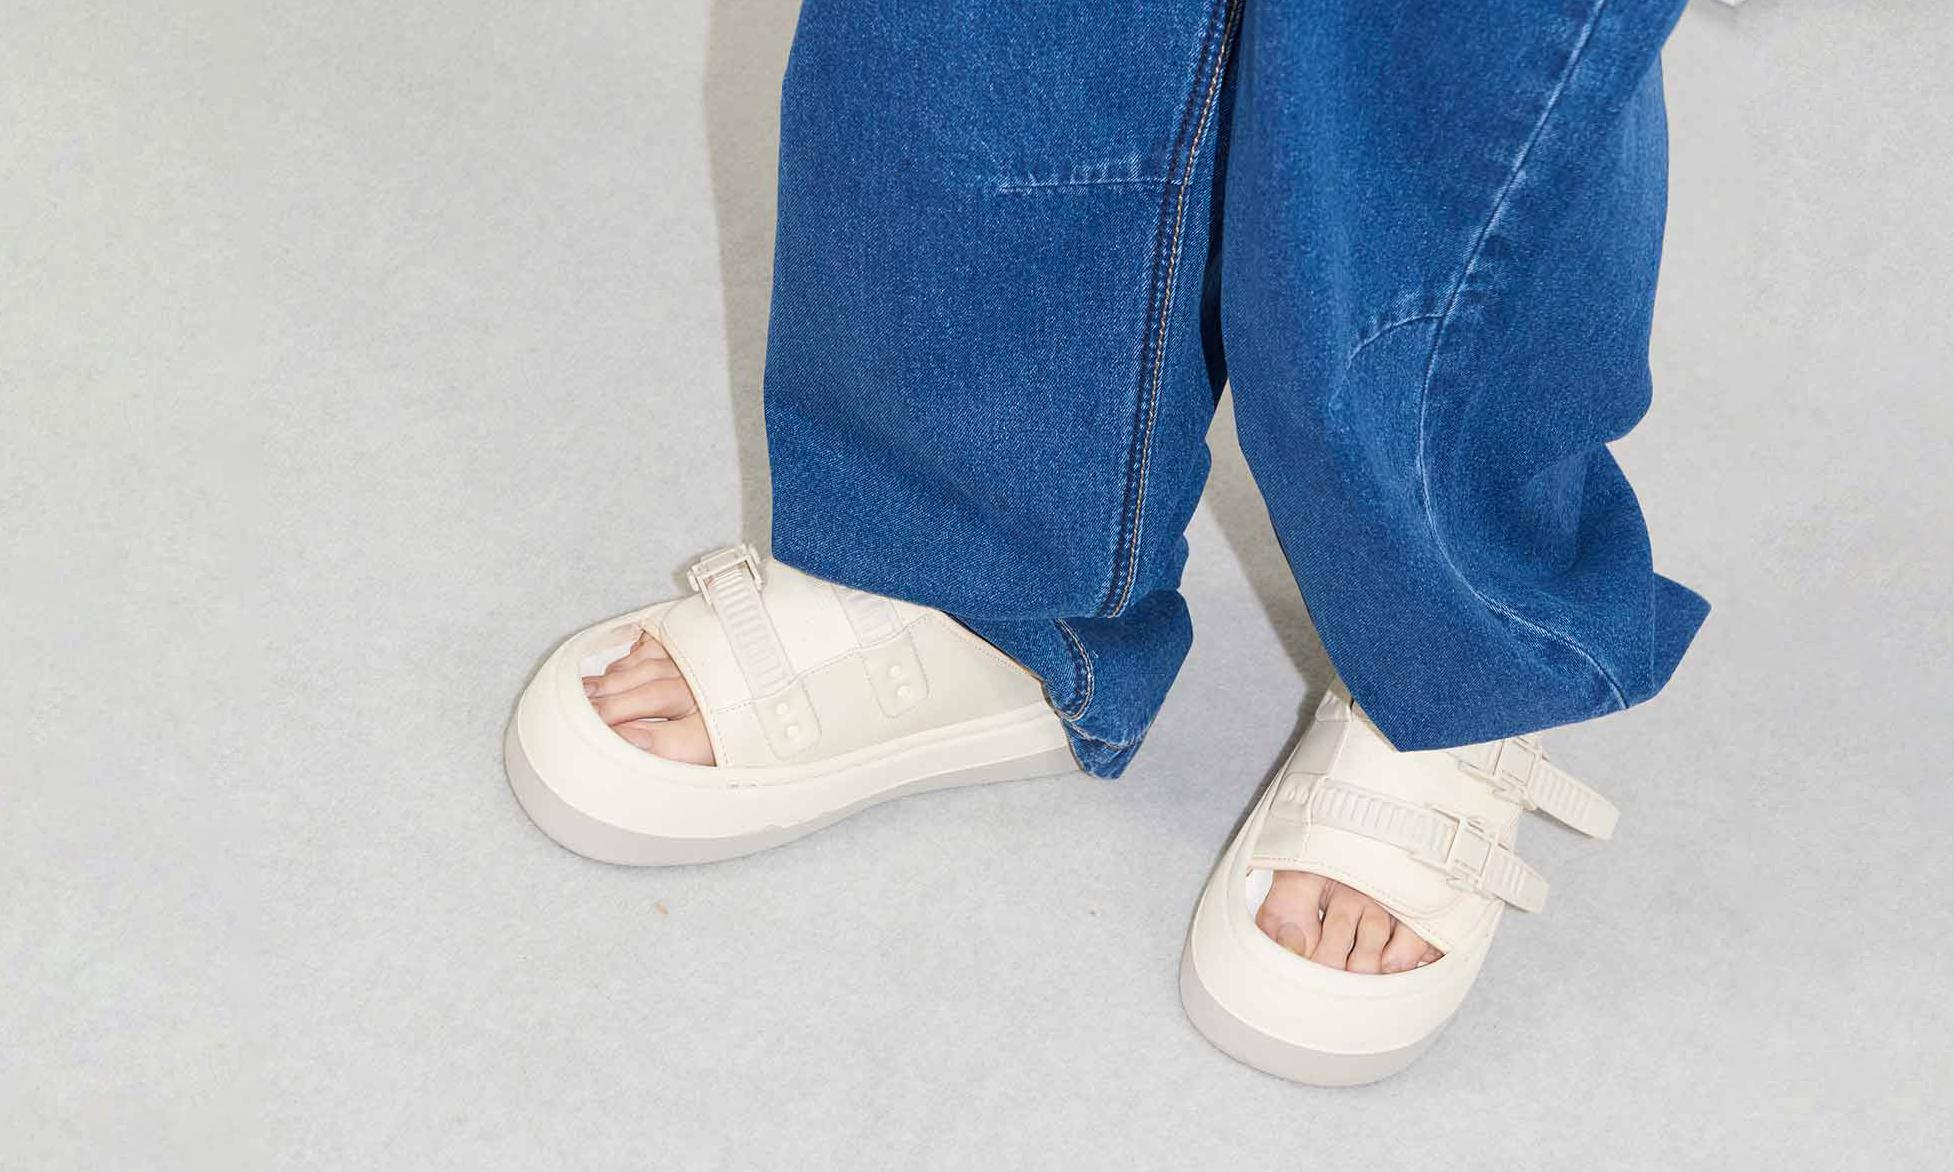 鞋市回暖?别错过这几双不用「冲」的鞋子